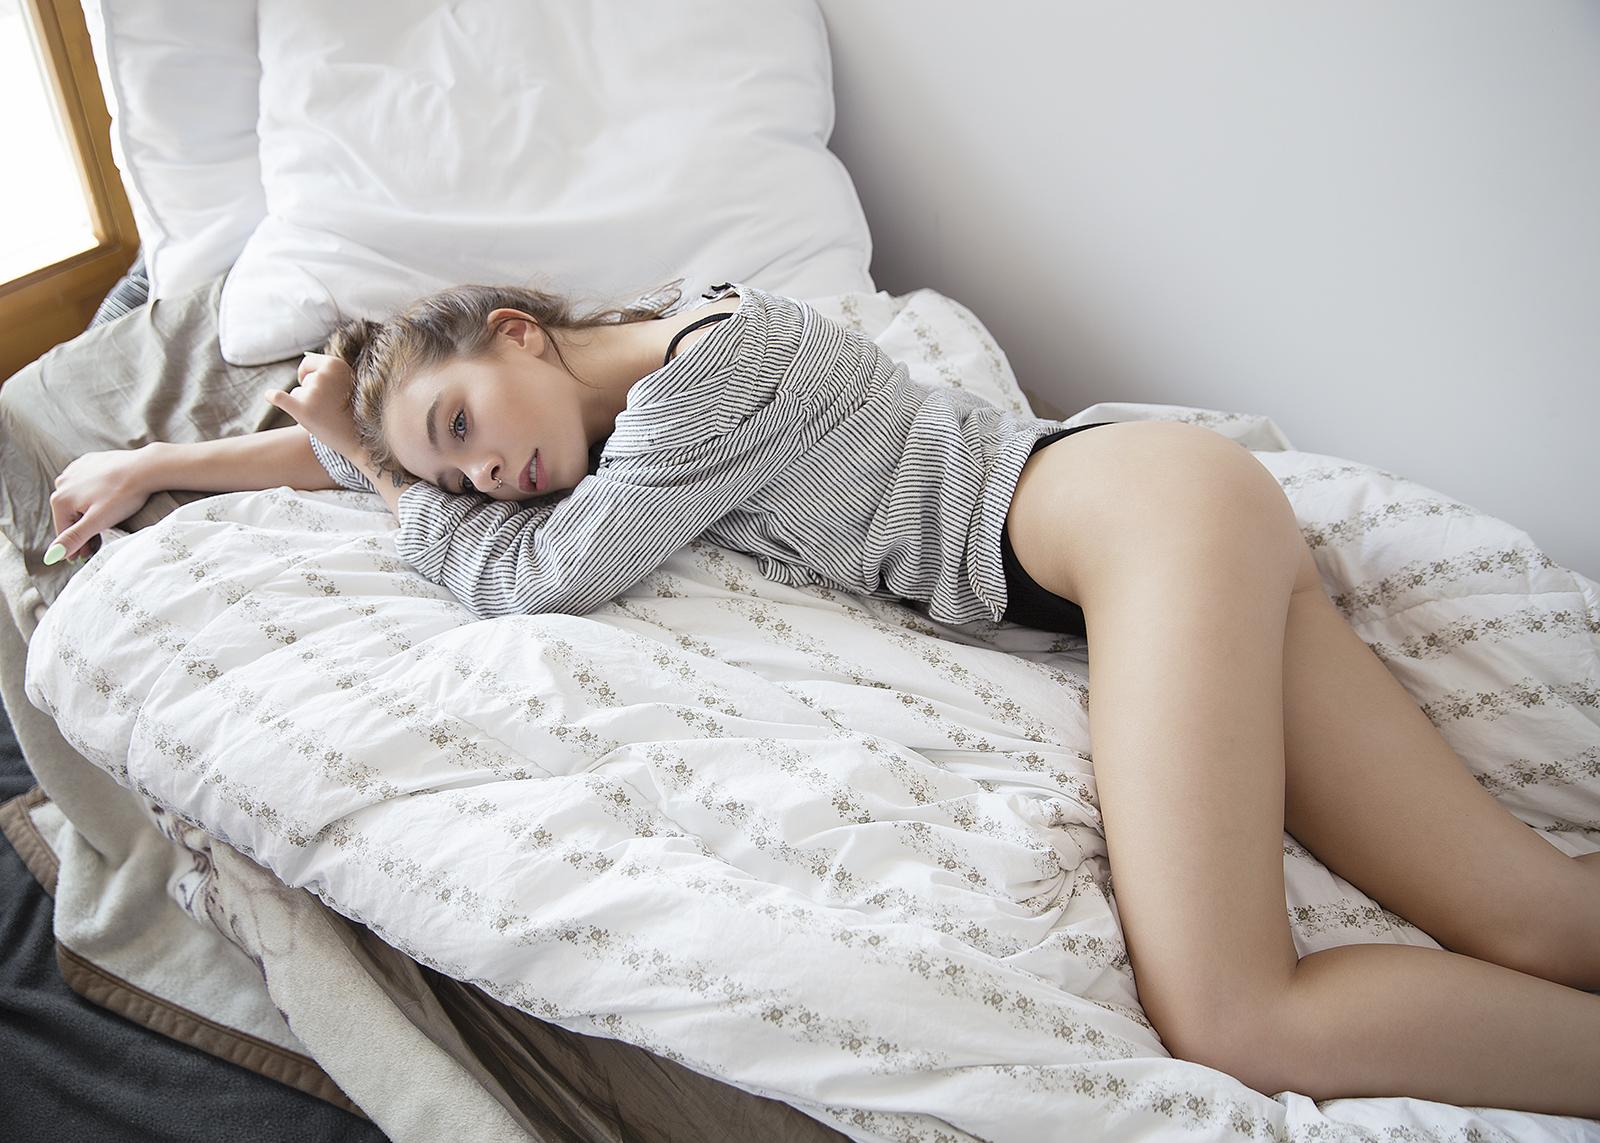 Если снится, что вы долго выбираете нижнее бельё, это значит, что наяву вы заняты поисками чего-то важного для вас.